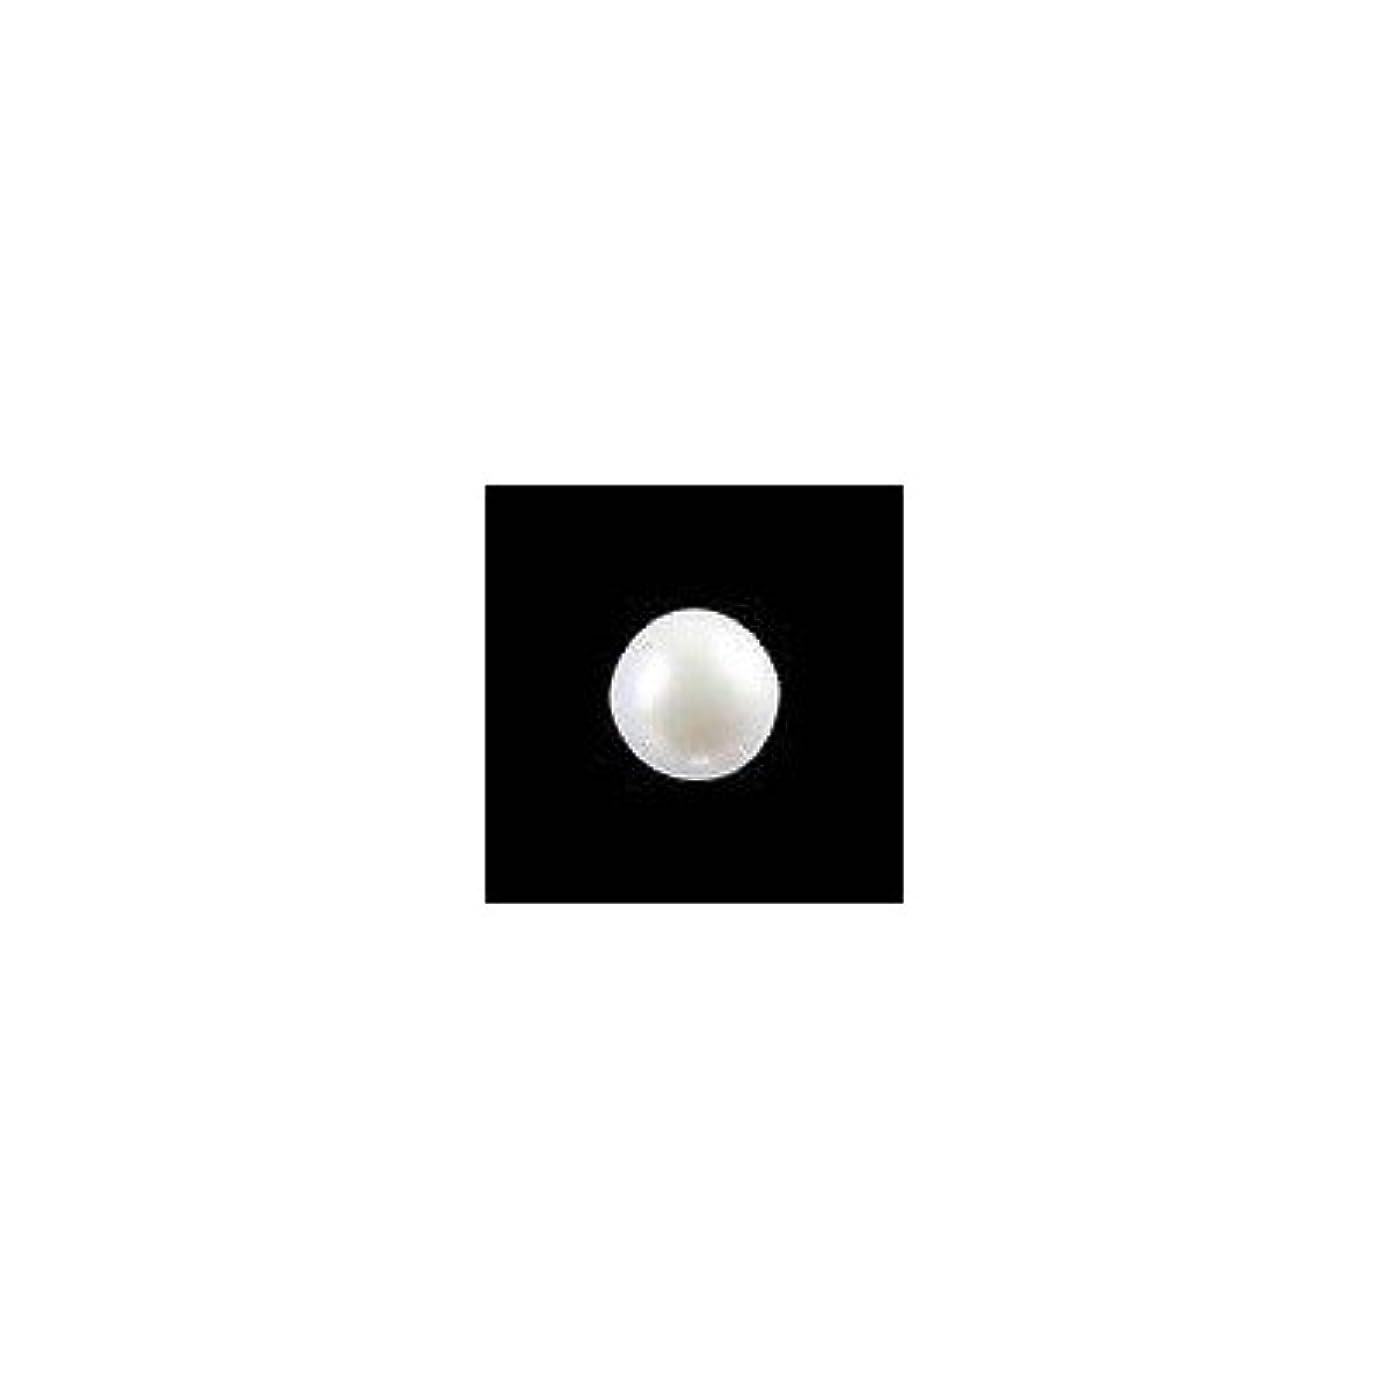 死すべき計算可能消毒するピアドラ 大粒パール ラウンド(4mm)24P